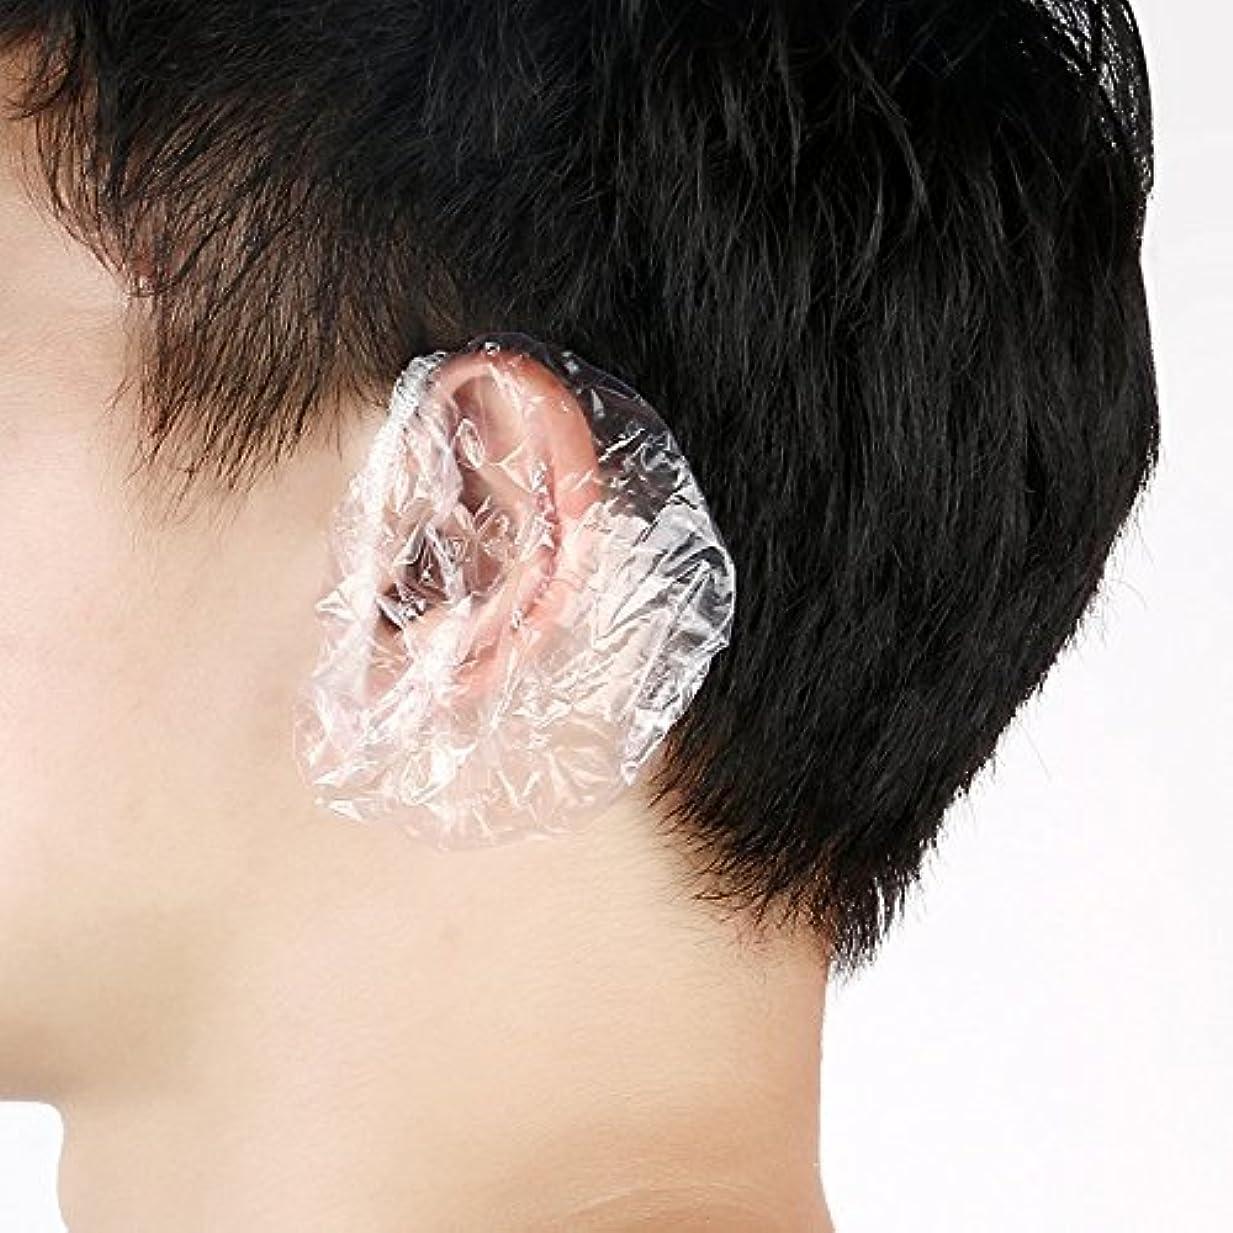 飾る偽善者歯車AMAA 耳キャップ 毛染め用 耳カバー  使い捨て 衛生的 袋入 100枚入り